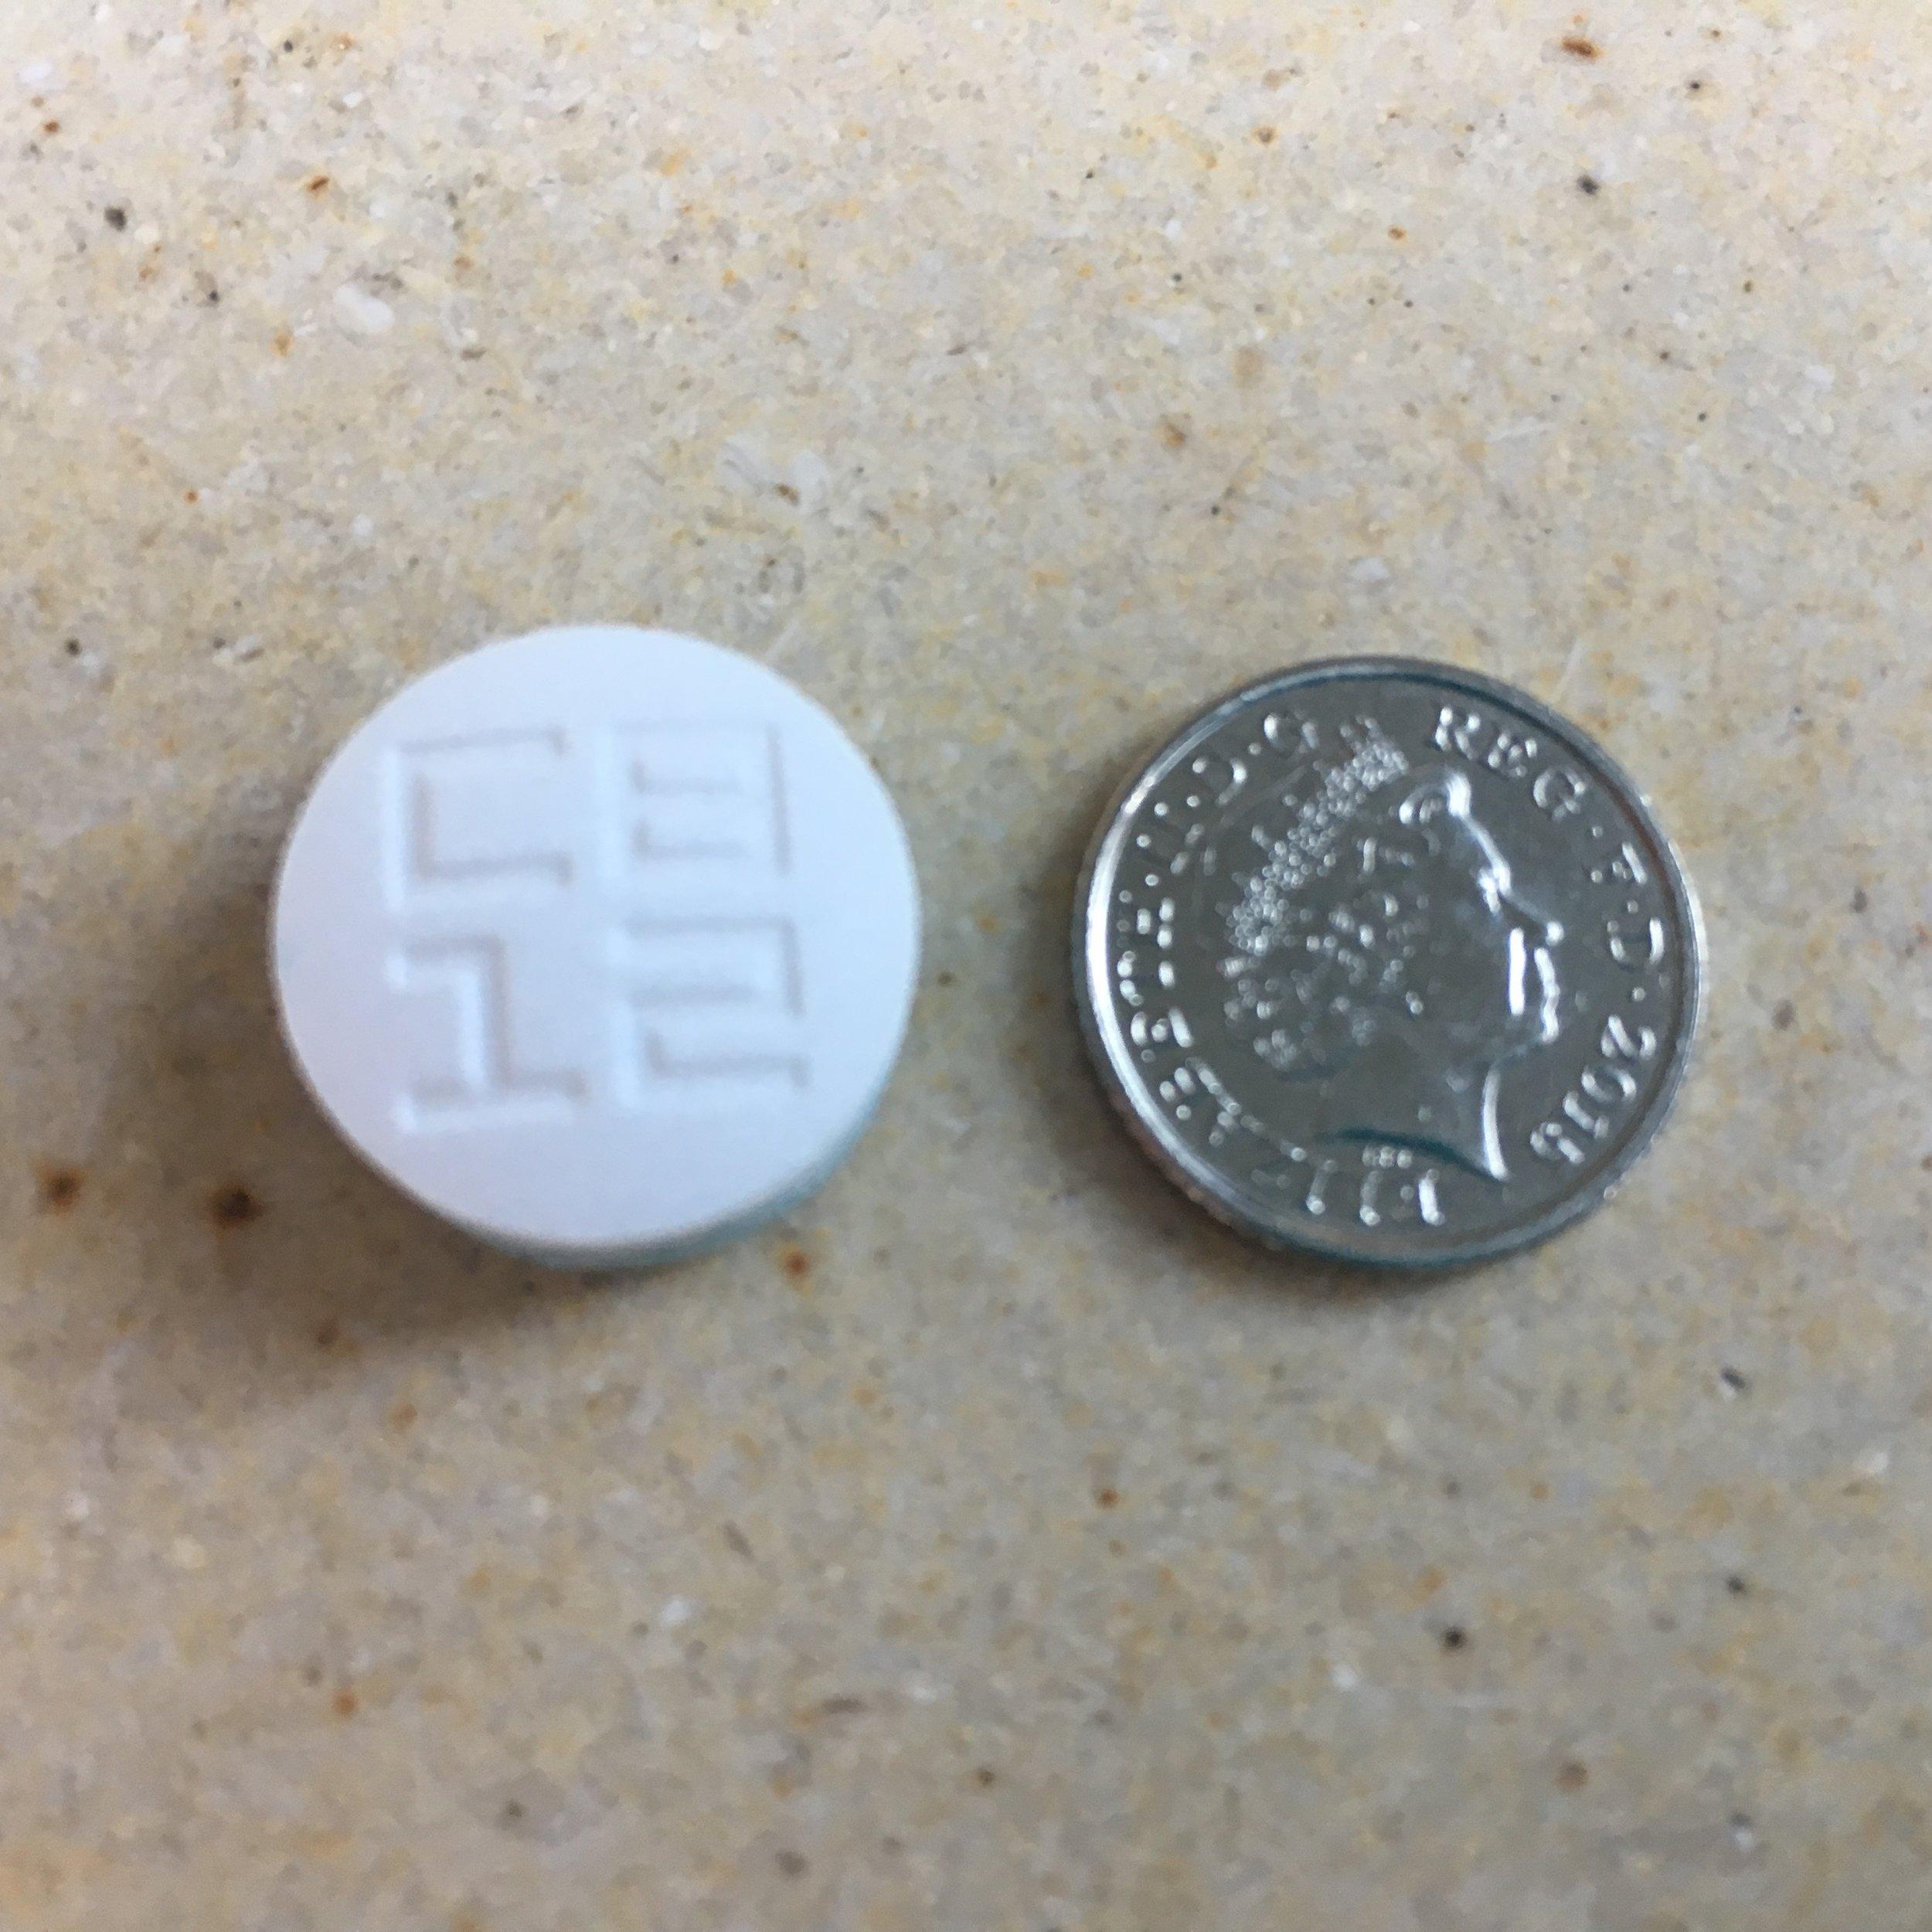 Each tab of CB12 fresh breath gum is quite a lump, the diameter of a 5p coin